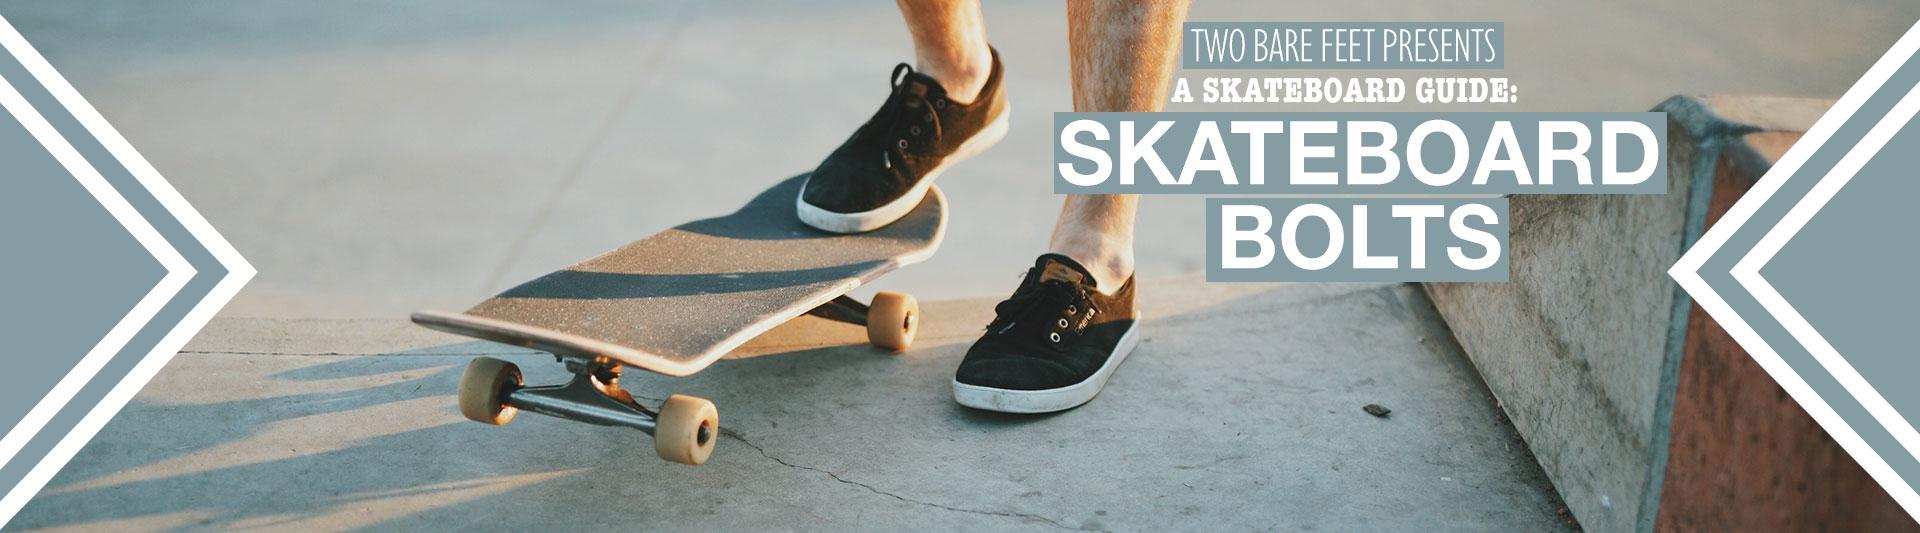 Skateboard bolts banner